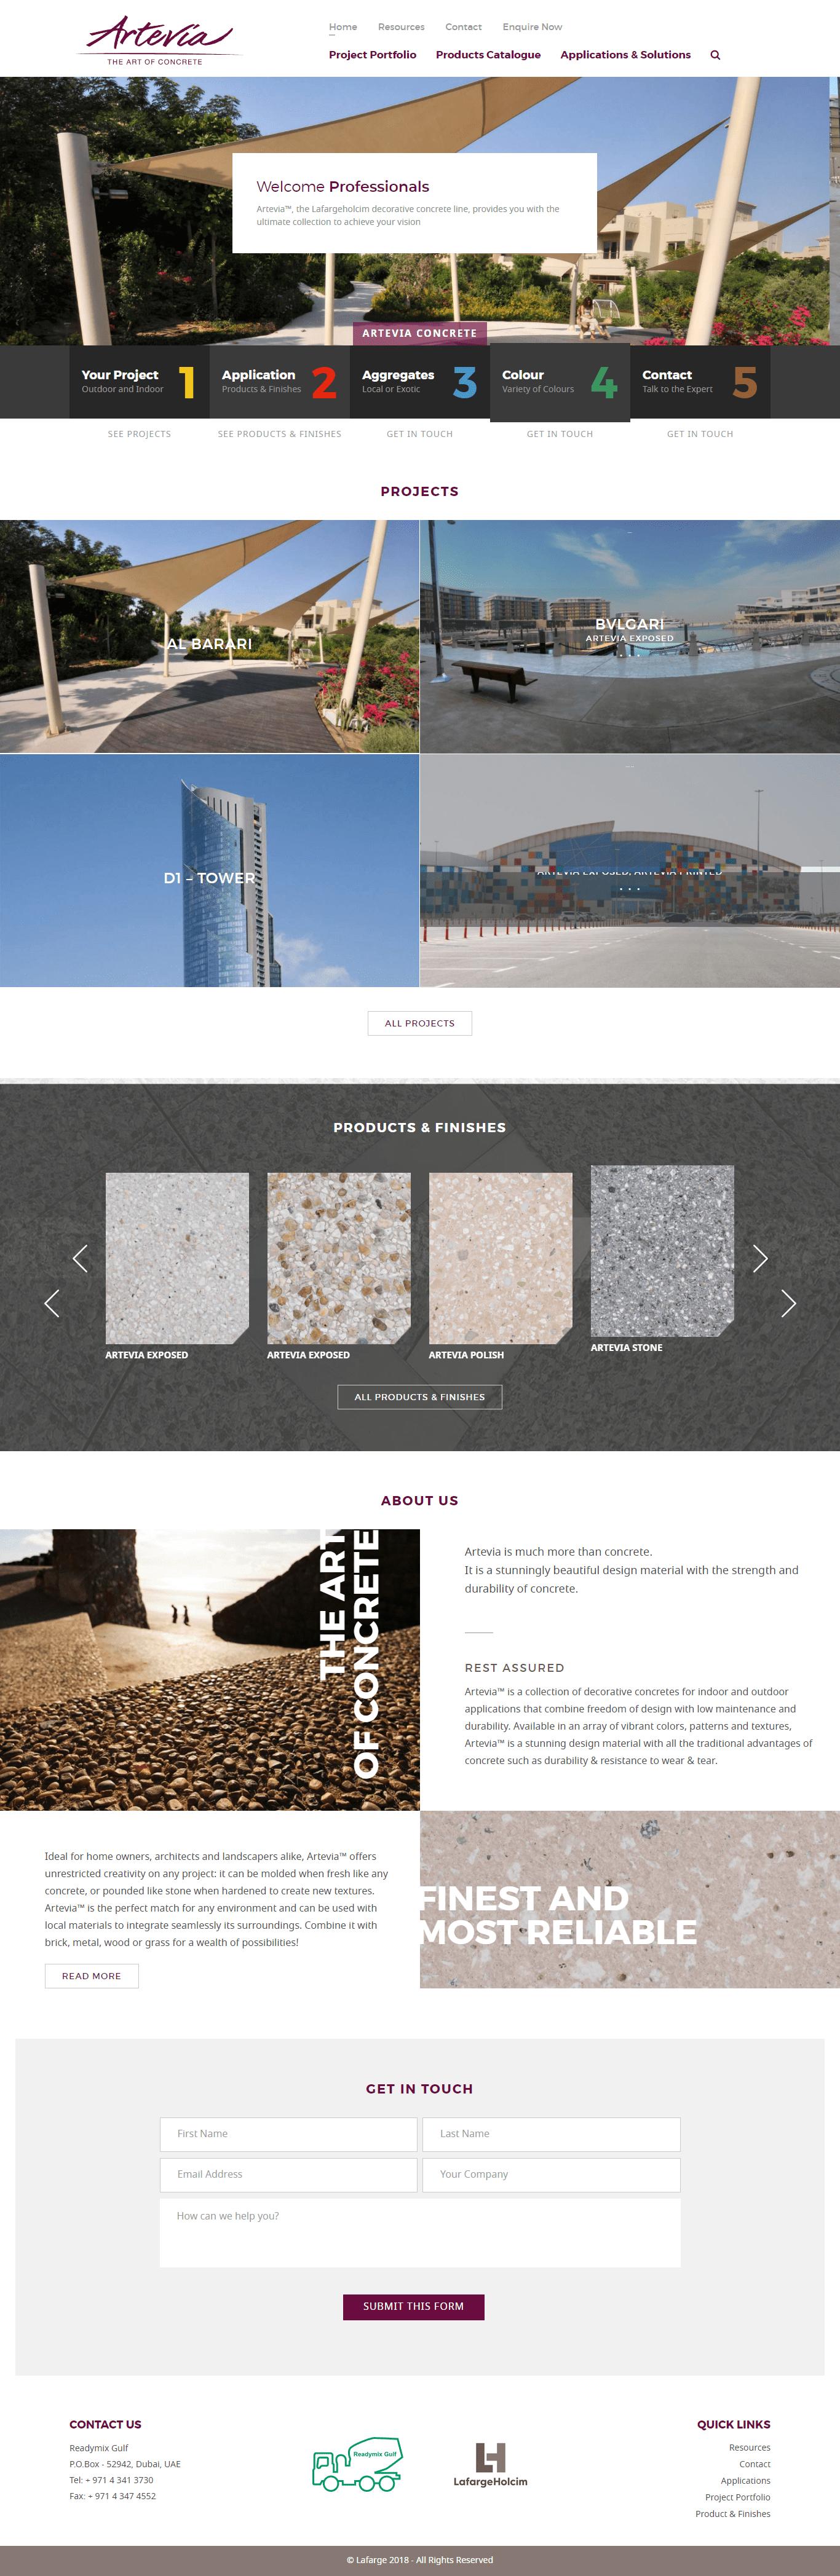 Artevia Concrete Website by Nexa, Dubai